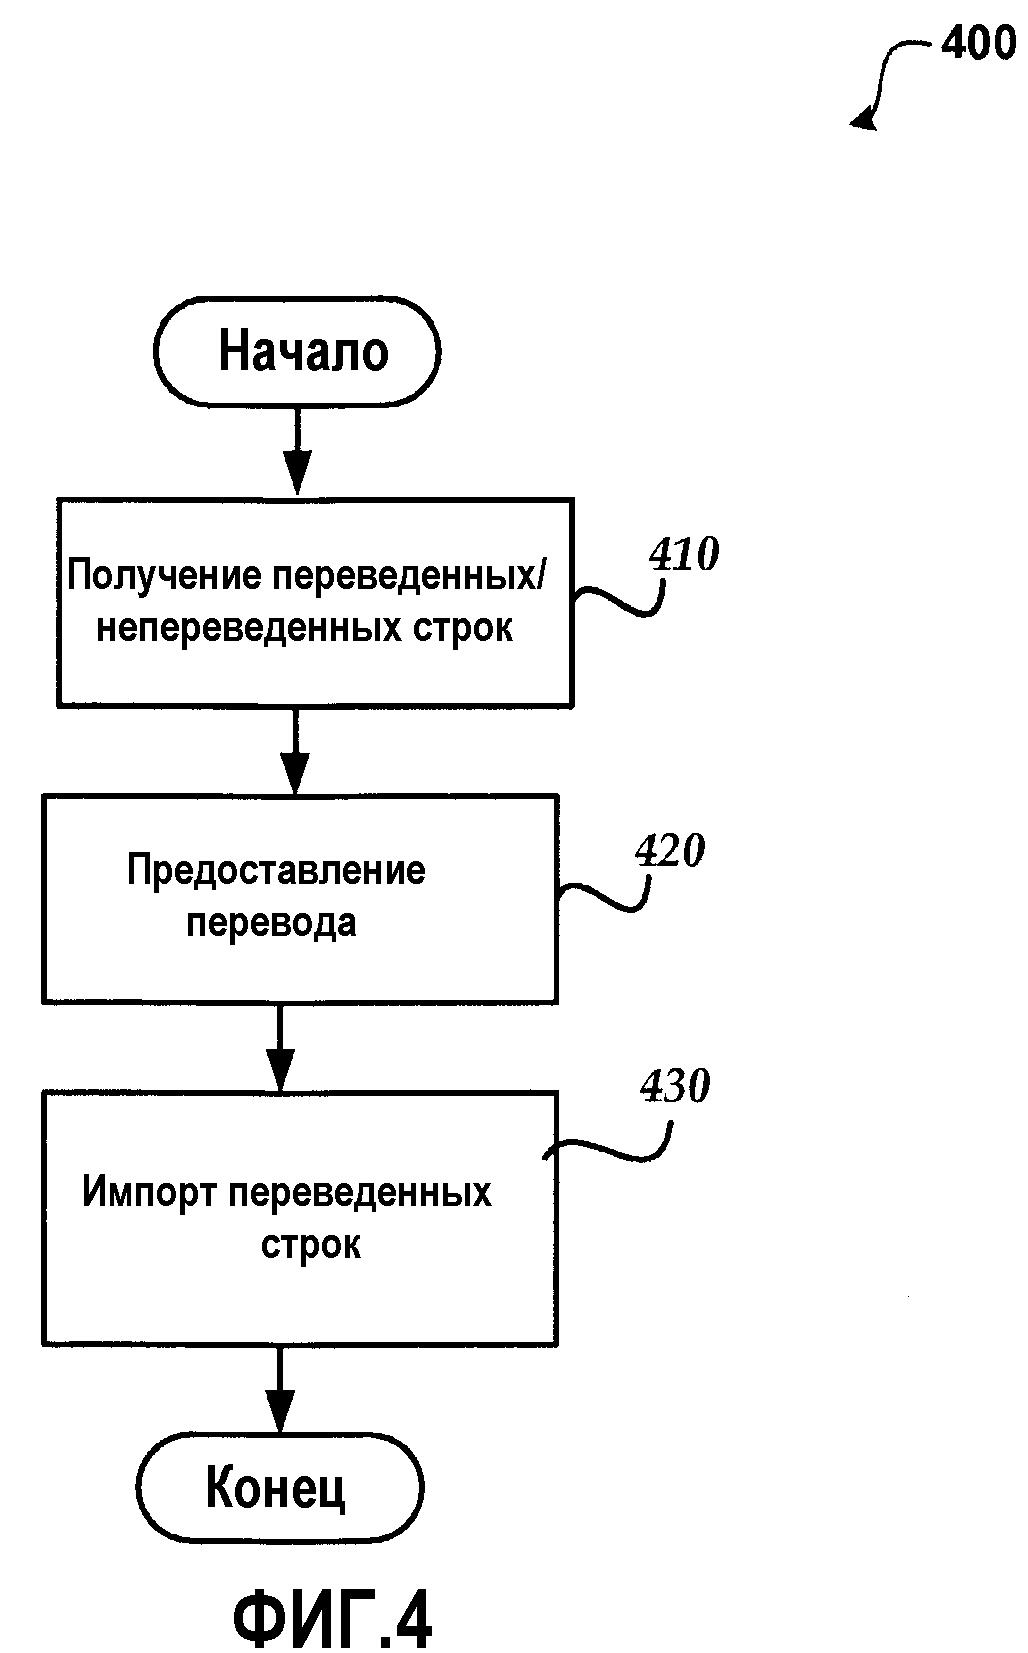 Сайты, переводимые пользователем после предоставления сайта